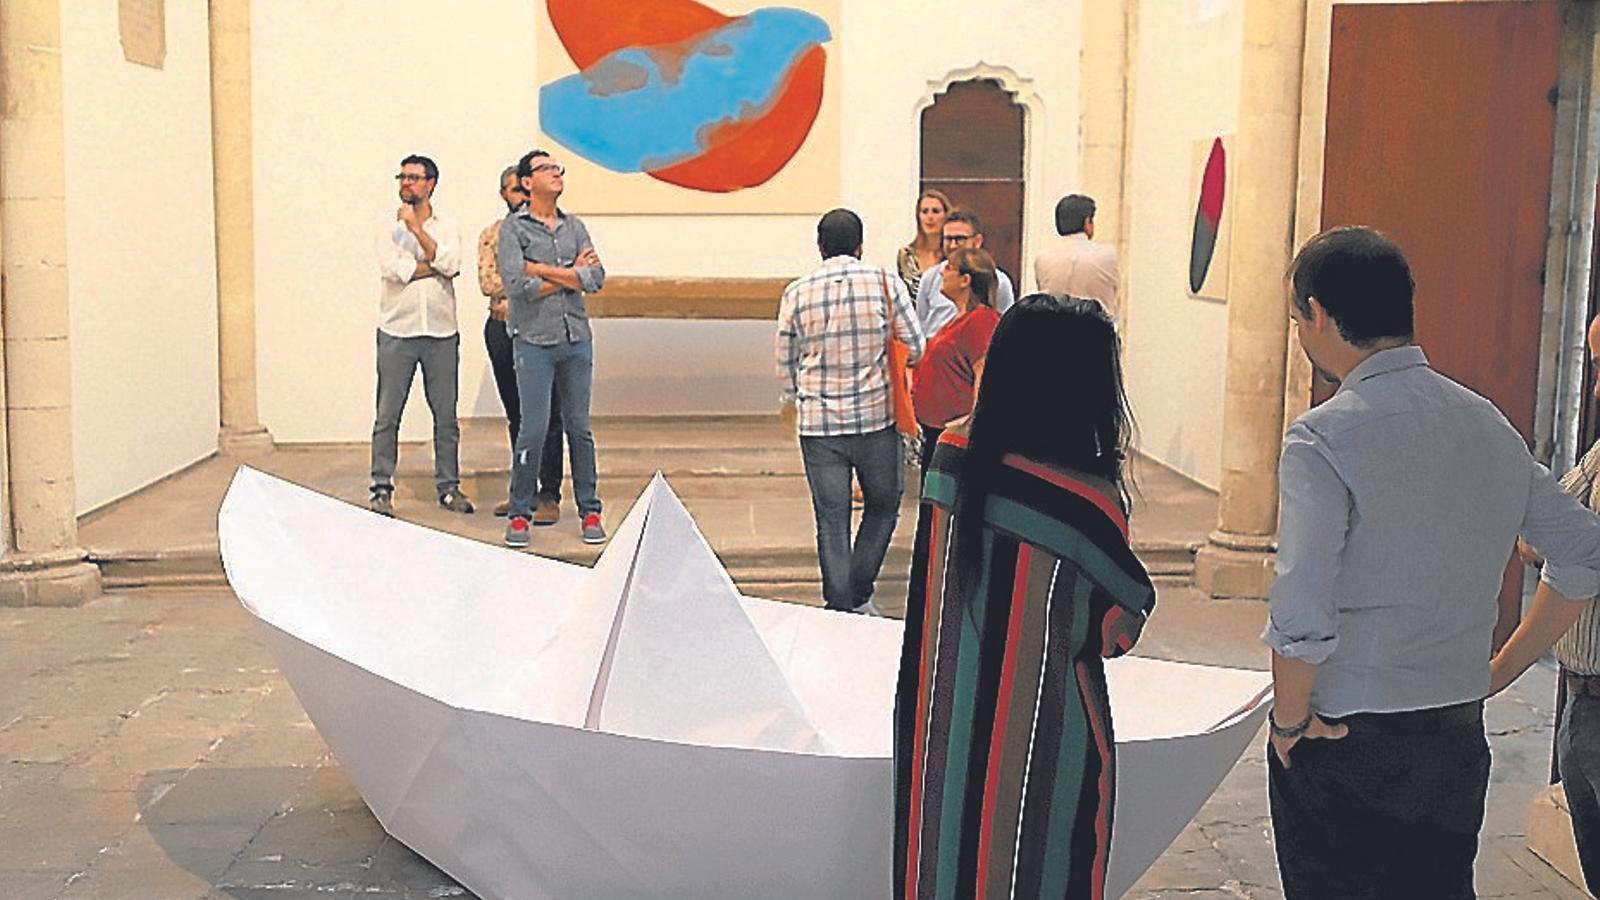 La plana major de la cultura de MÉS, entre les obres de Tamina Amadyar i un vaixell de paper, a l'Oratori de la Kewenig, també demanaven per Reus.